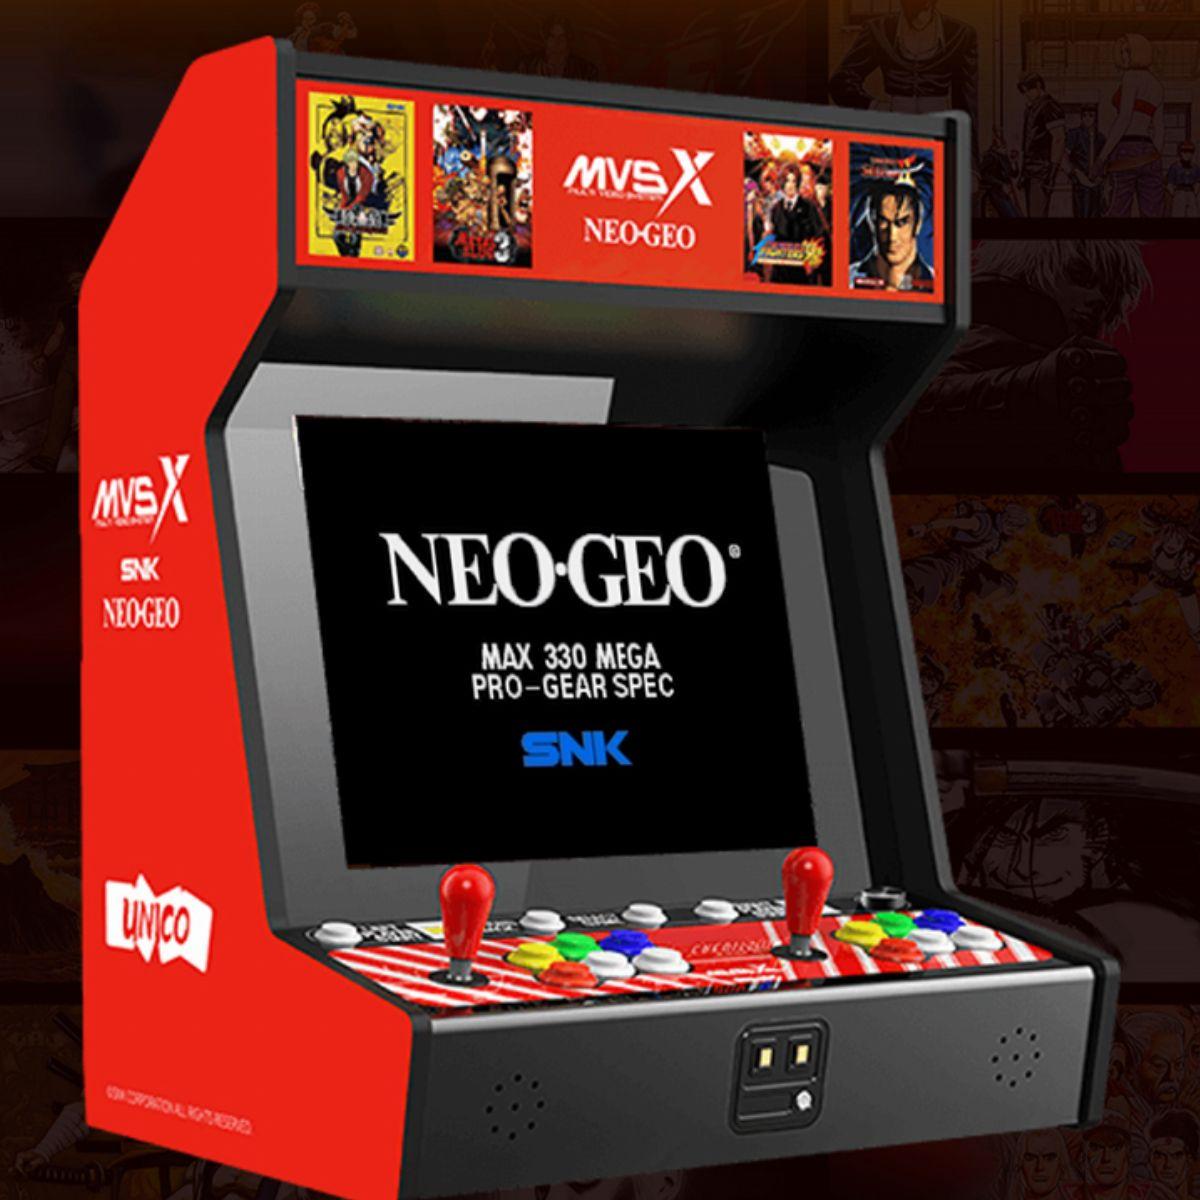 Neo Geo Une Borne D Arcade Mvsx Officielle Avec 50 Jeux Annoncée Infos Et Images